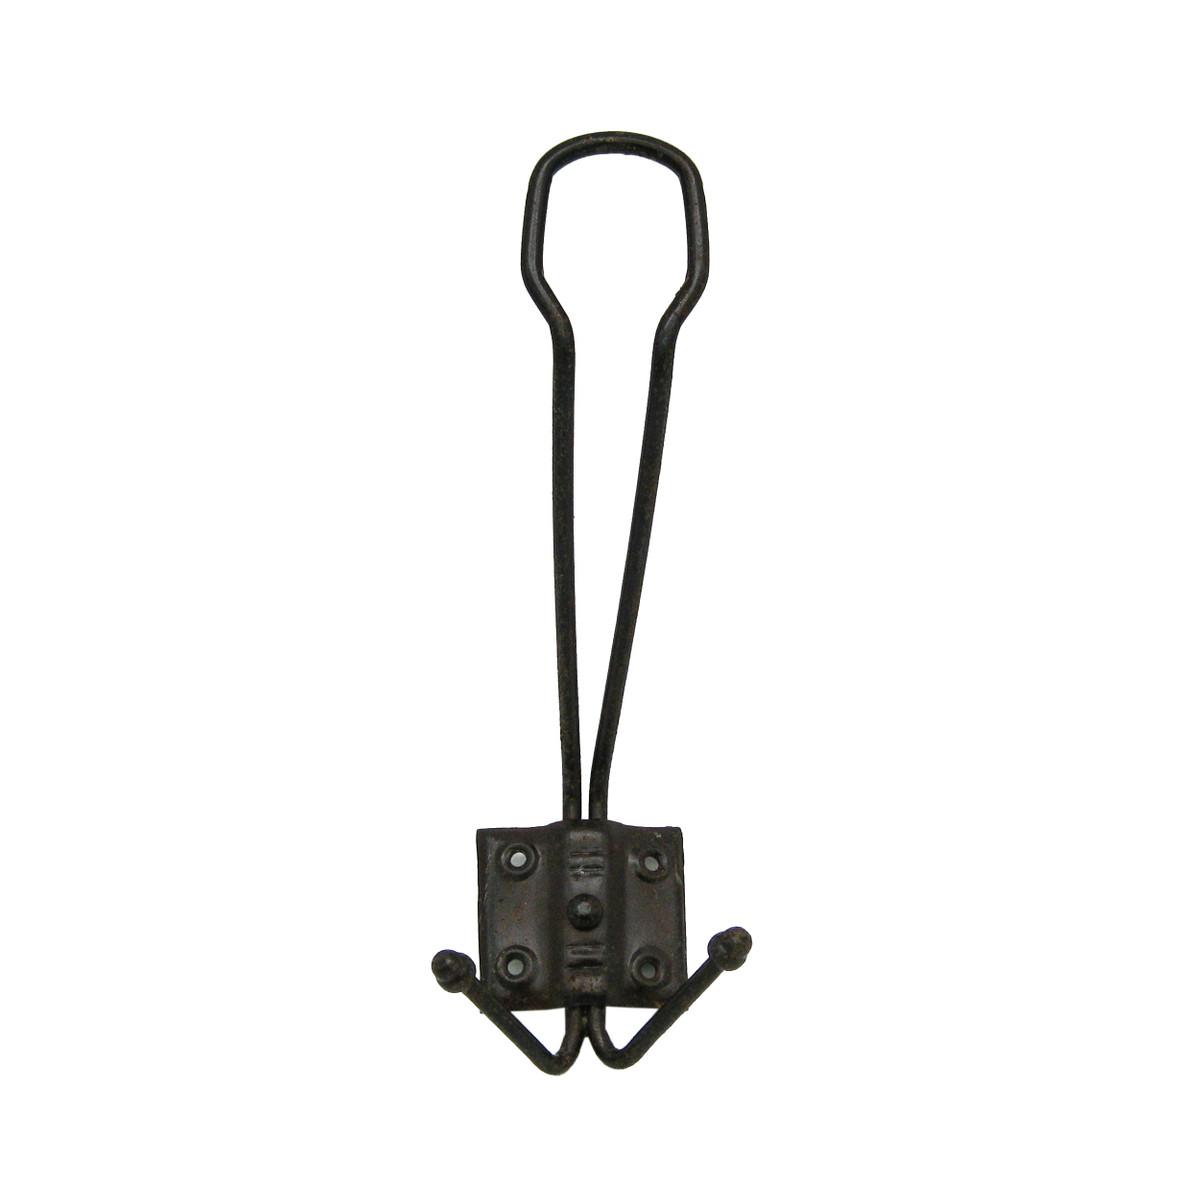 Kompaktgarderobe mit Metall Halter als nostalgischer Garderobenhaken mit Eisen Haken.